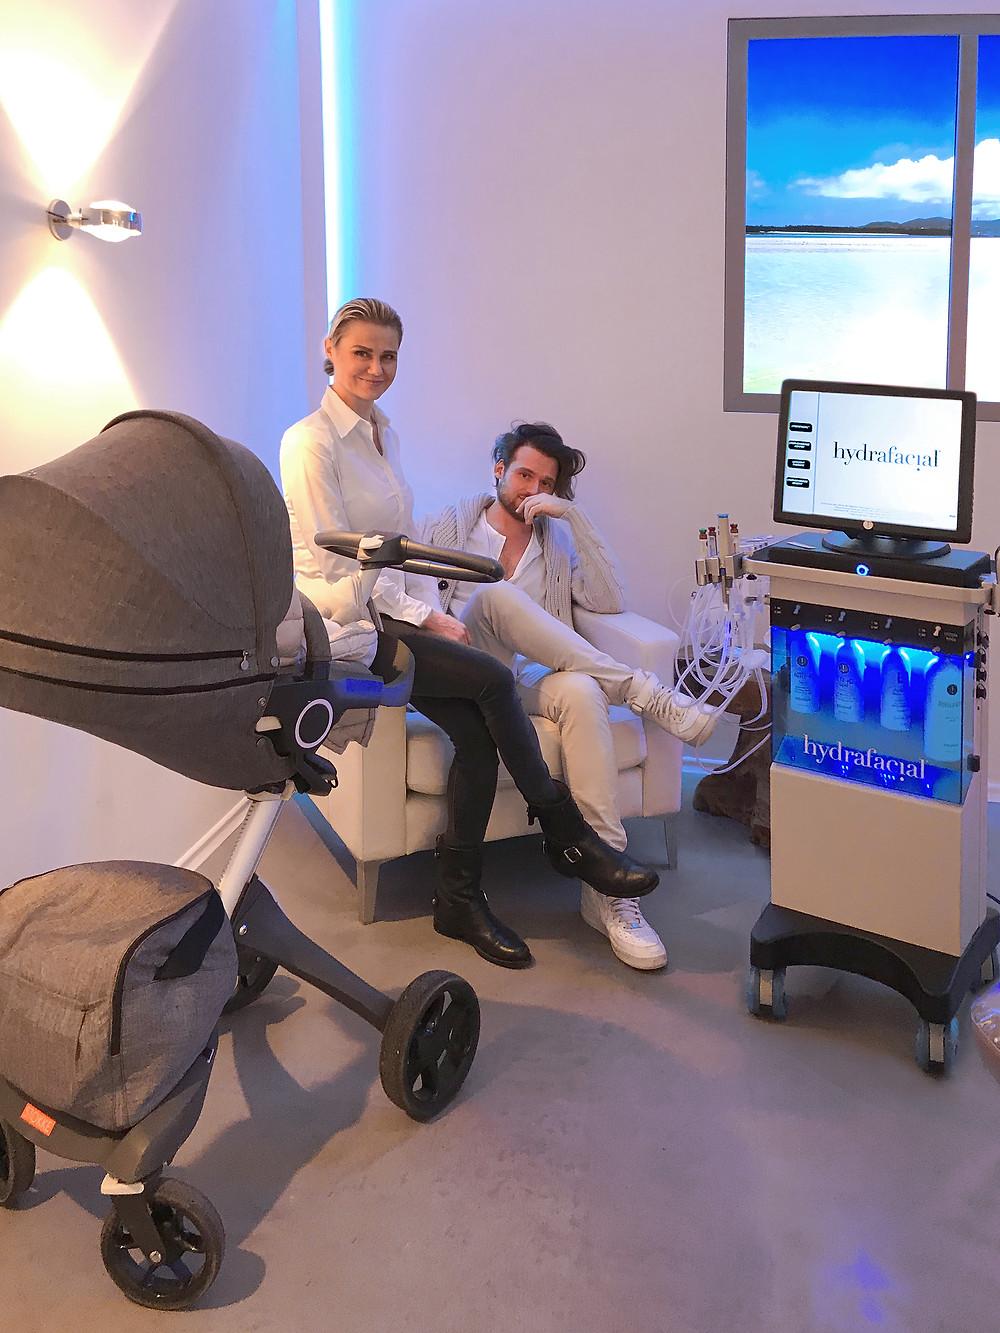 Bei EWA MEDIACAL BEAUTY, deinem Hydrafacialist in München, bist du mit deinem Baby oder Kind immer herzlich willkommen! Hydrafacial, IS Clinical und Reviderm Kosmetik in München.